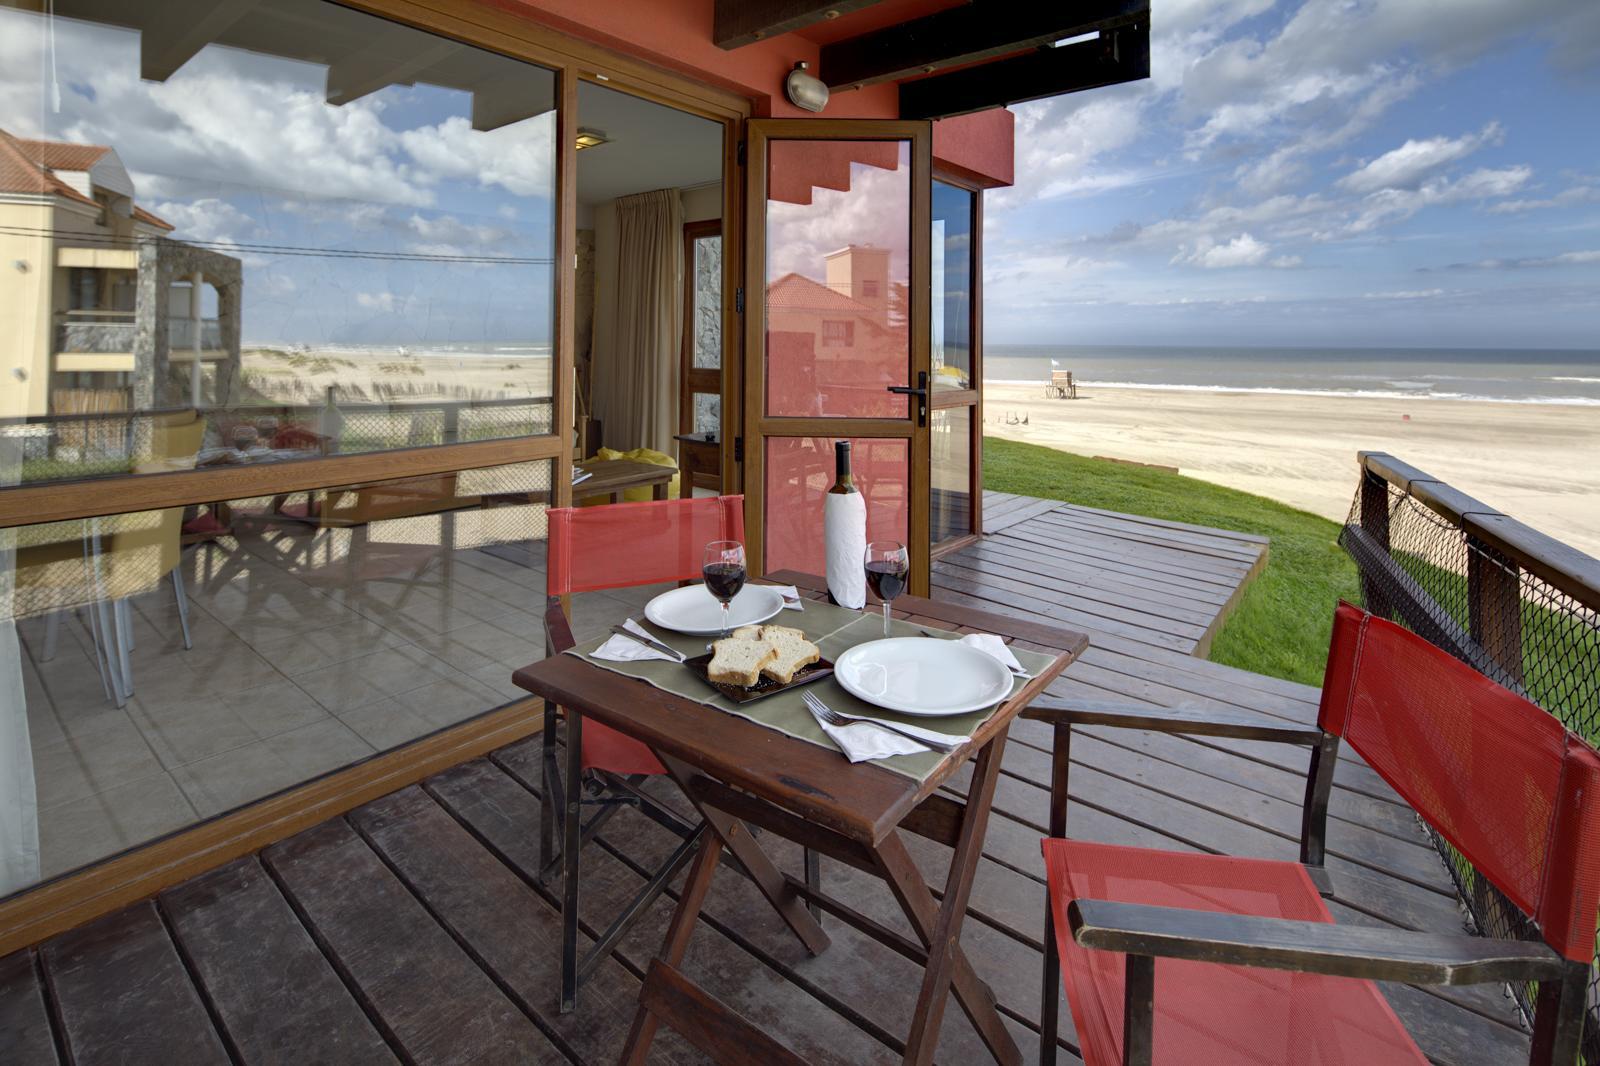 Hotel Alta Playa, fotógrafo de arquitectura Andreas Grunau